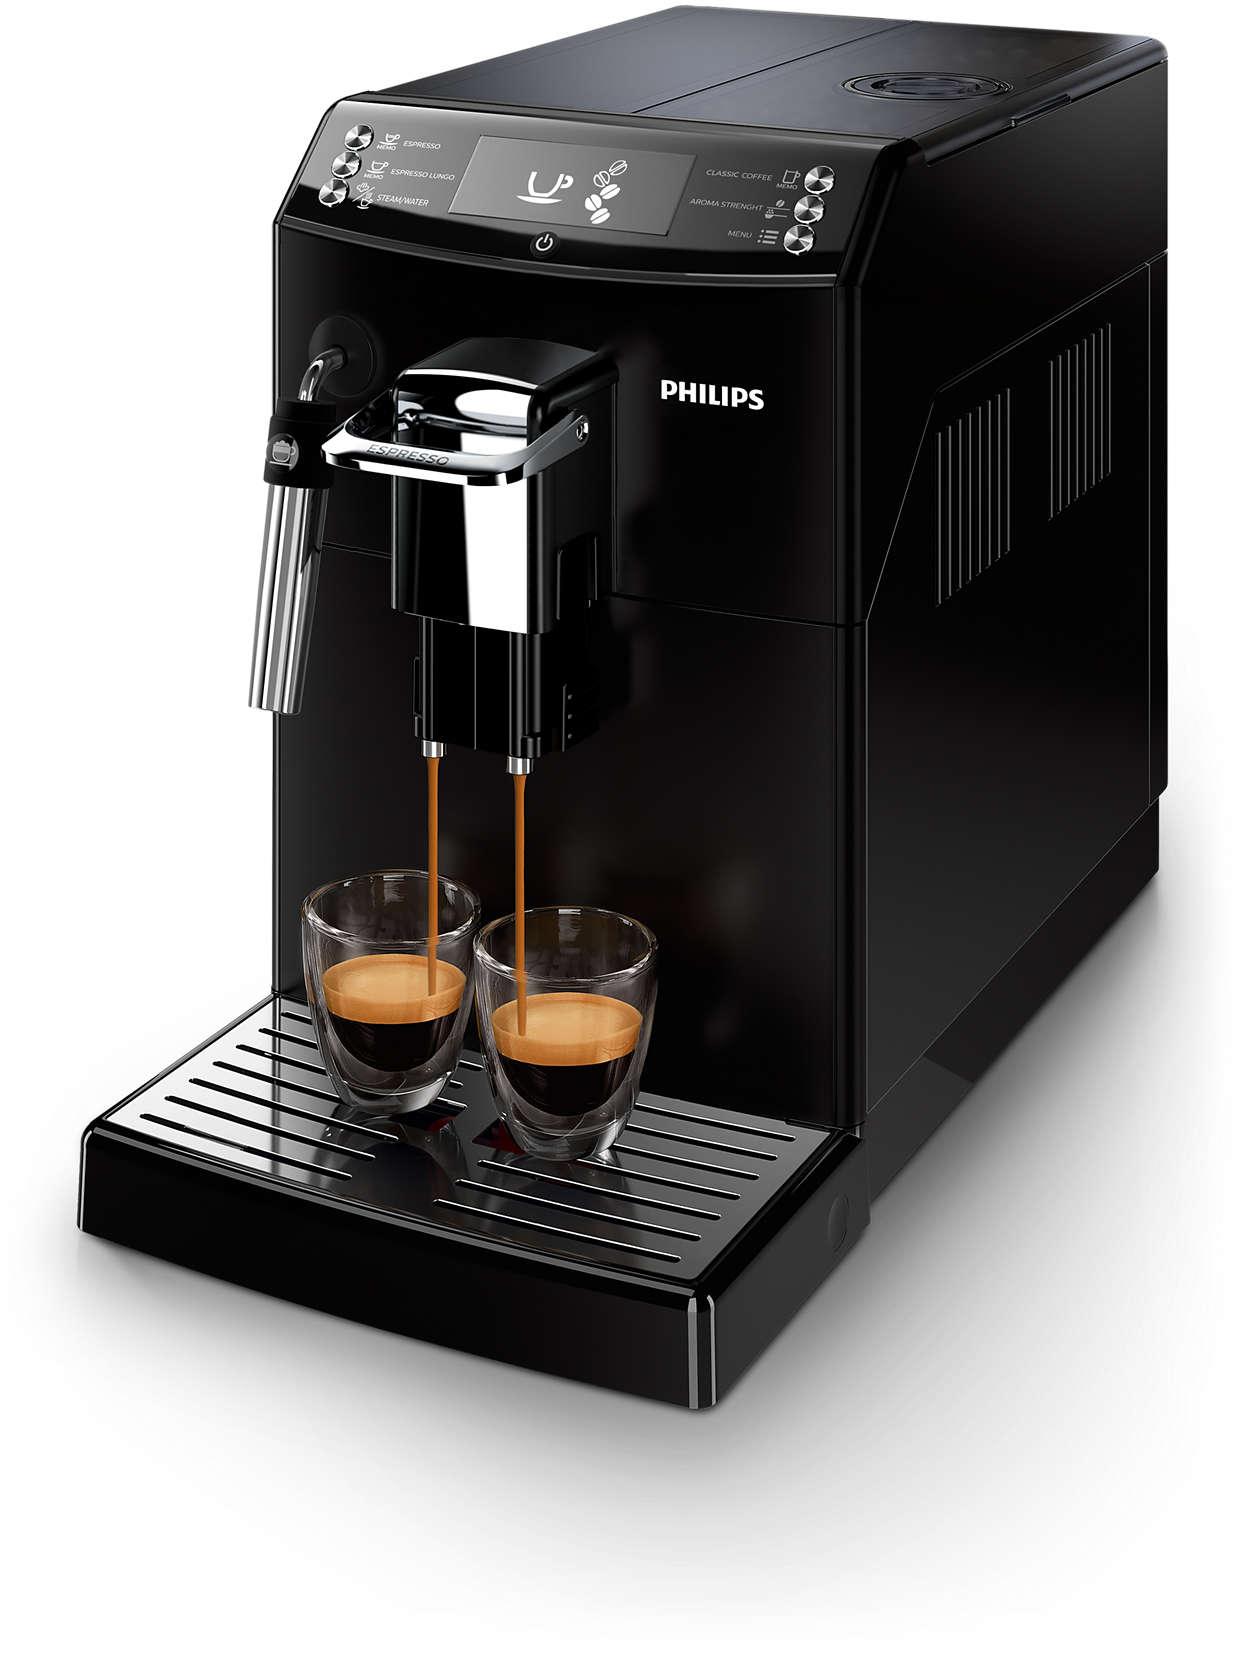 Чудове еспресо та справжній смак заварної кави